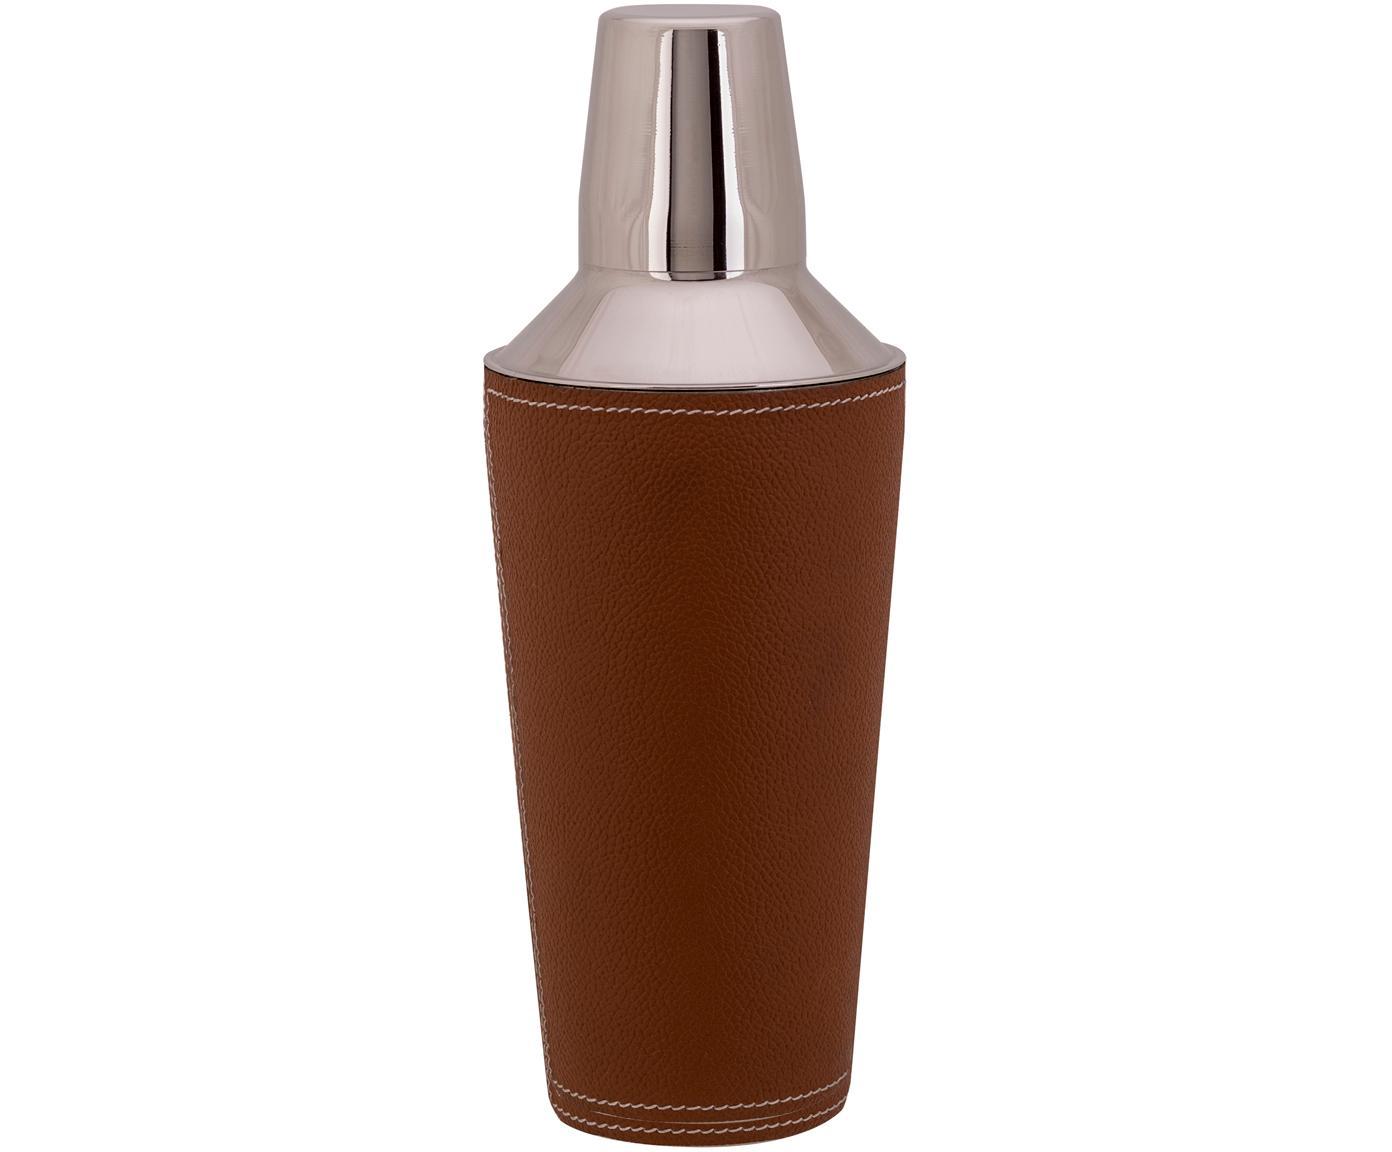 Coctelera de cuero Lahore, Tapizado: cuero, Marrón, acero, Ø 9 x Al 25 cm